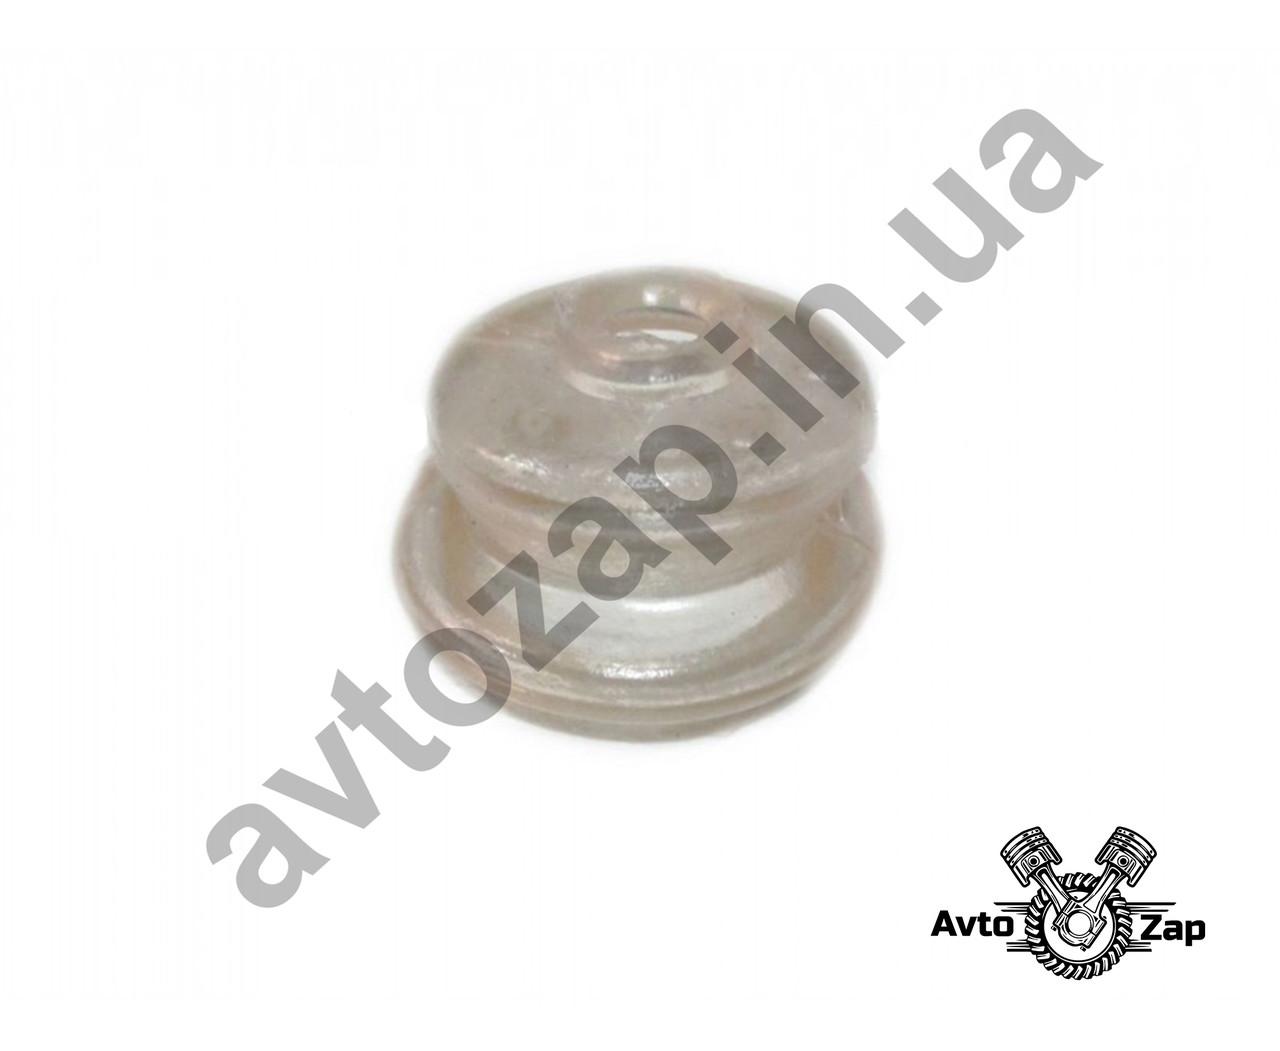 Пыльник верхней шаровой опоры Москвич 412 силиконовый